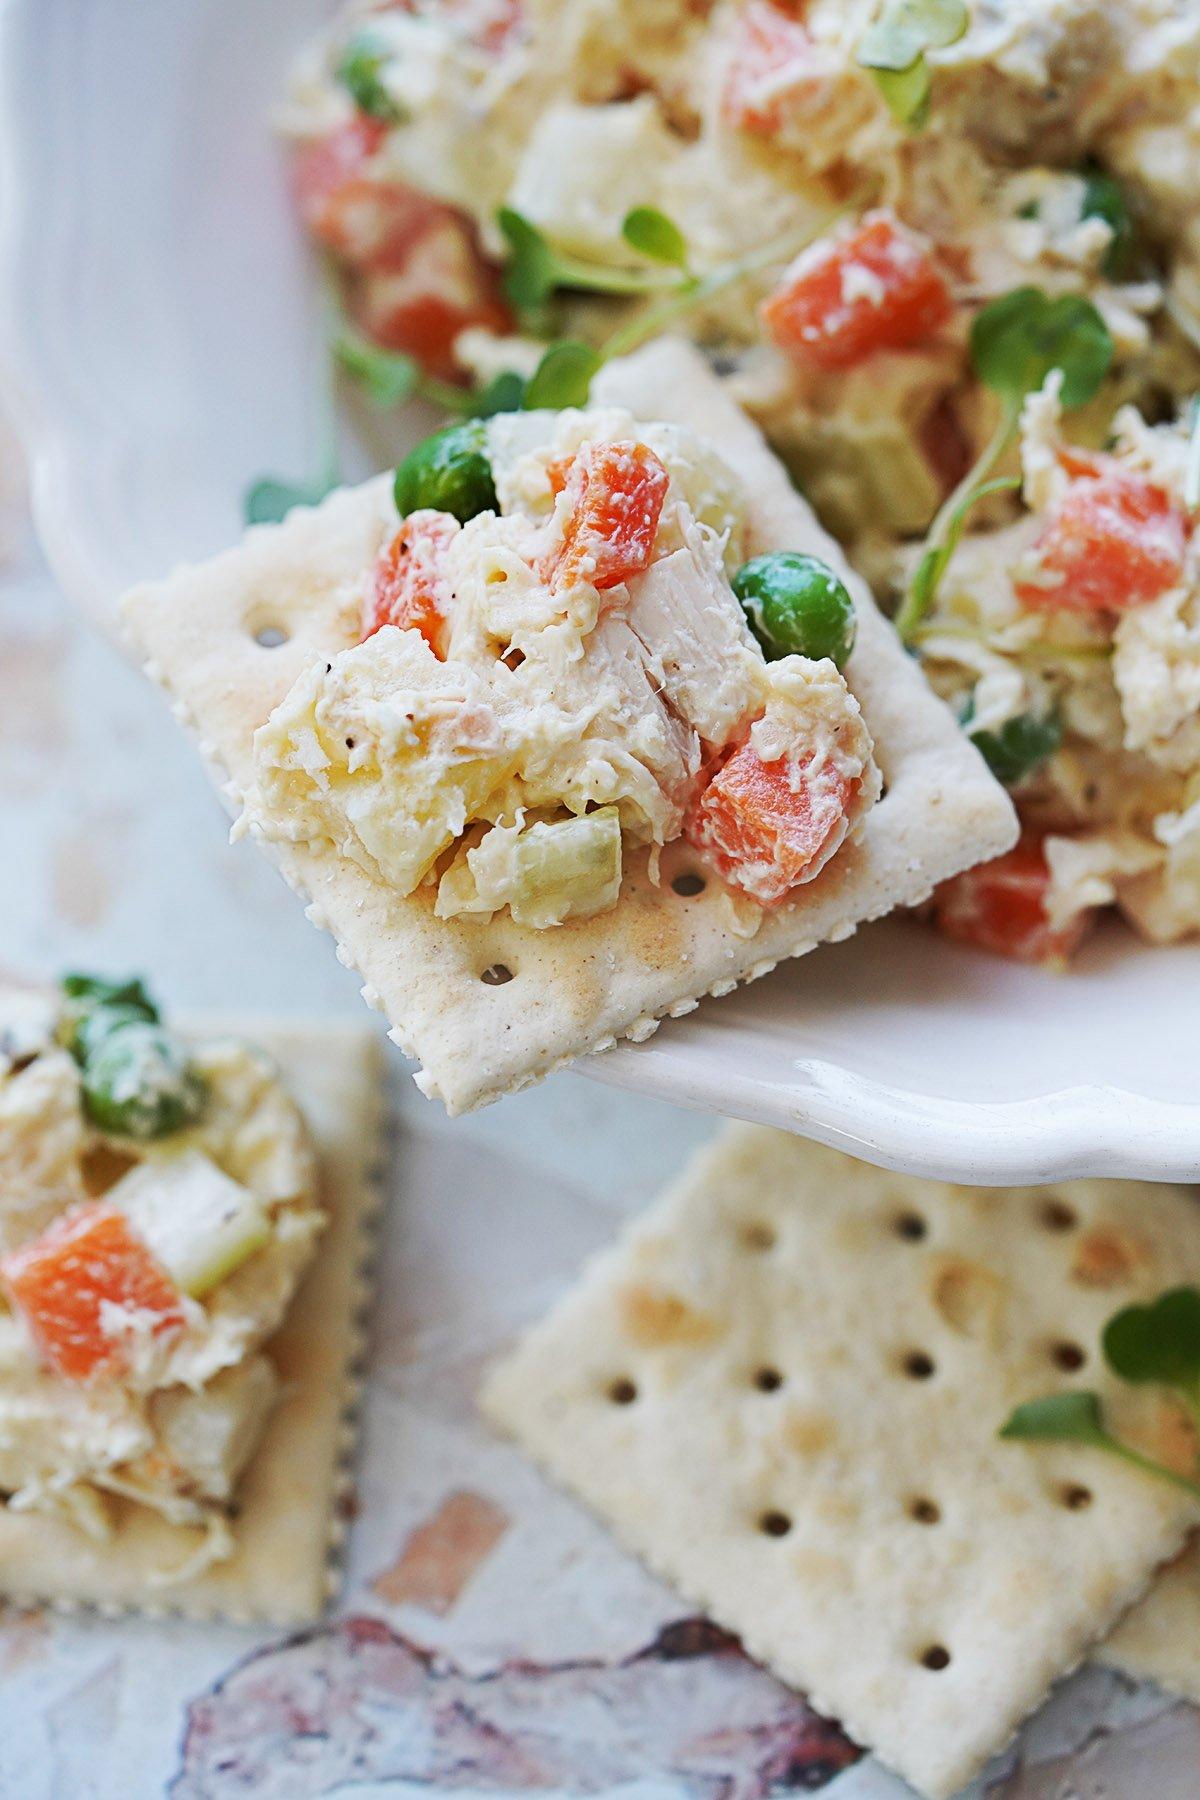 A saltine cracker topped with Ensalada De Pollo